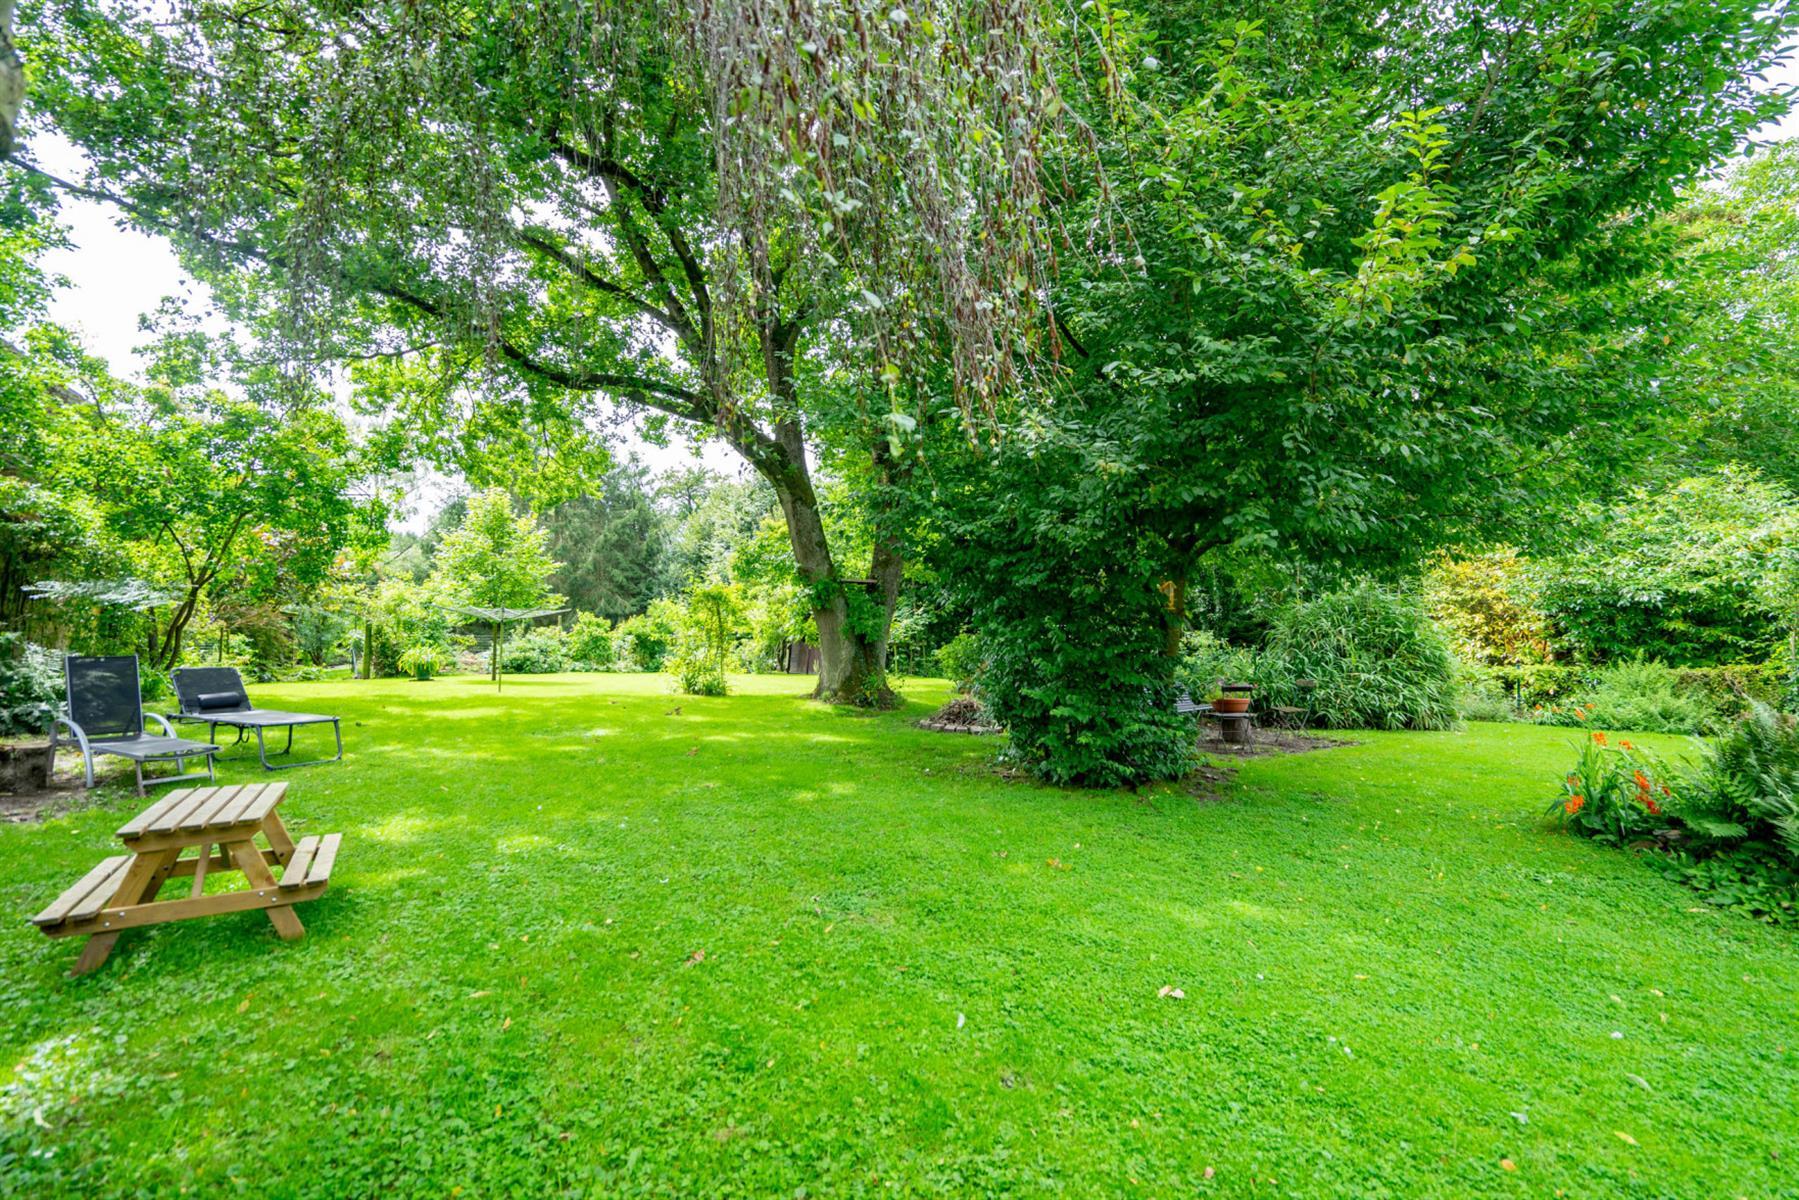 Maison - Nil-saint-vincent-saint-martin - #4437434-22